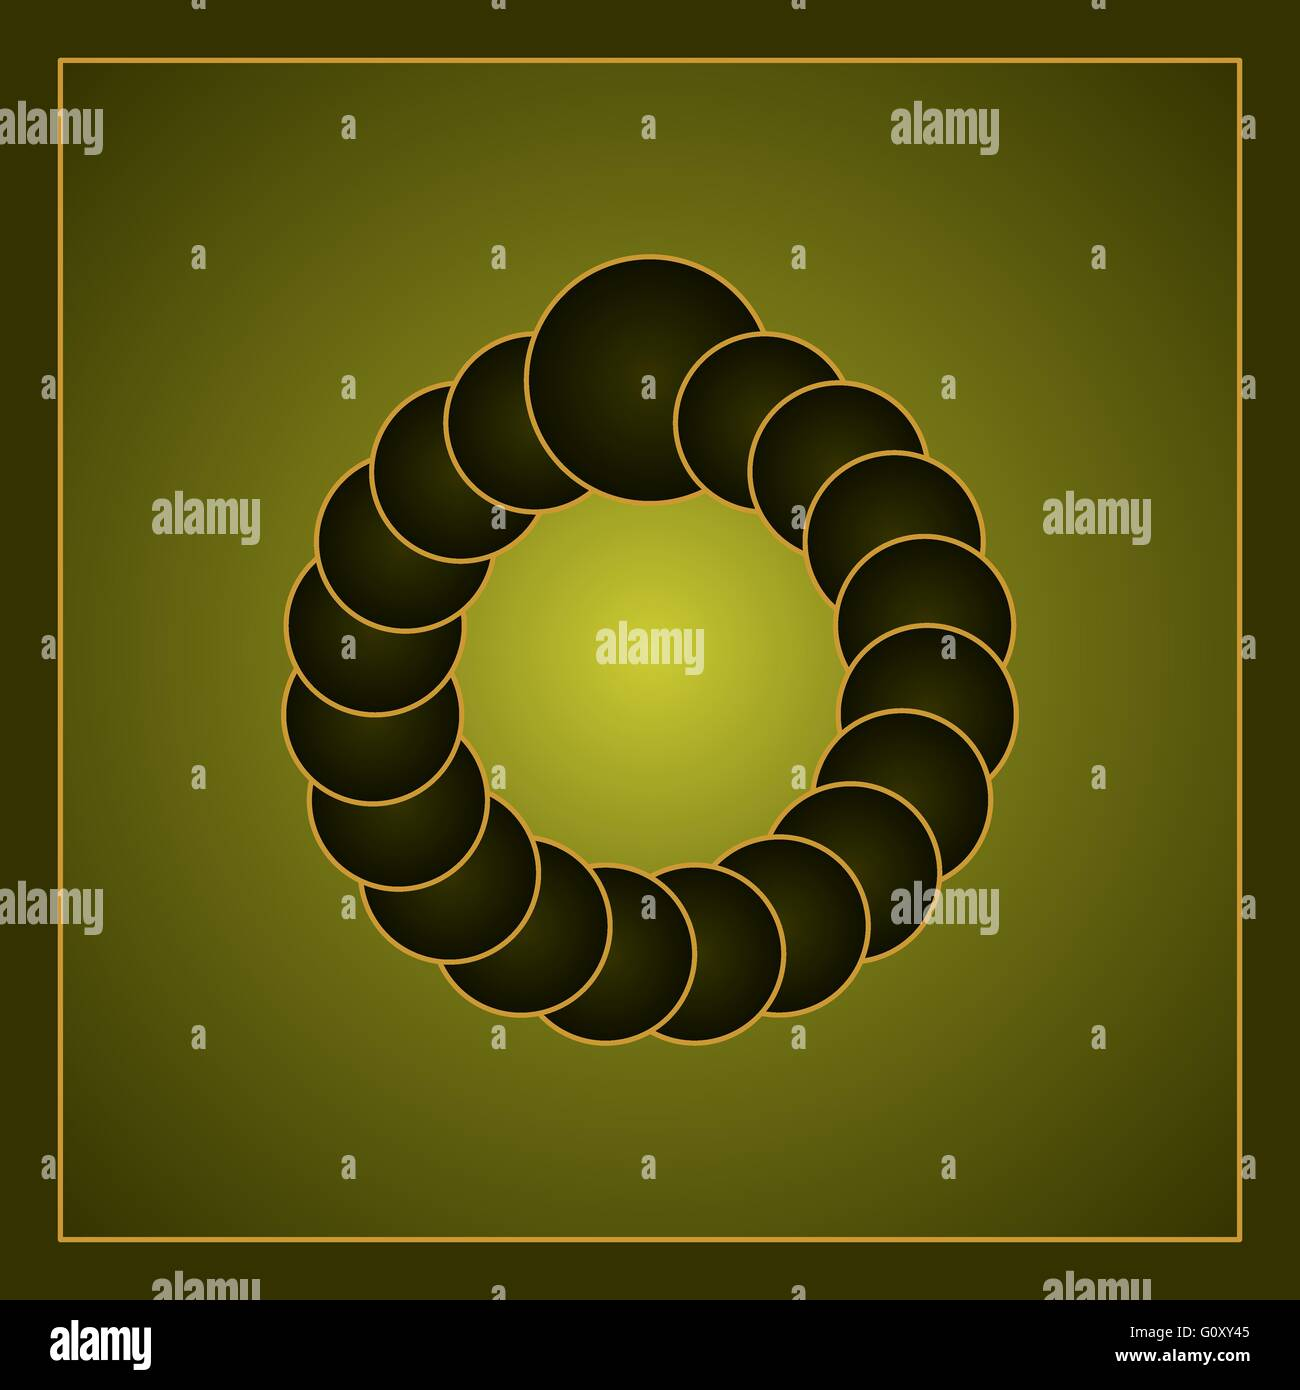 Óptico verde ilusión visual creado por los círculos formando un anillo virtual. Gradiente de color Imagen De Stock